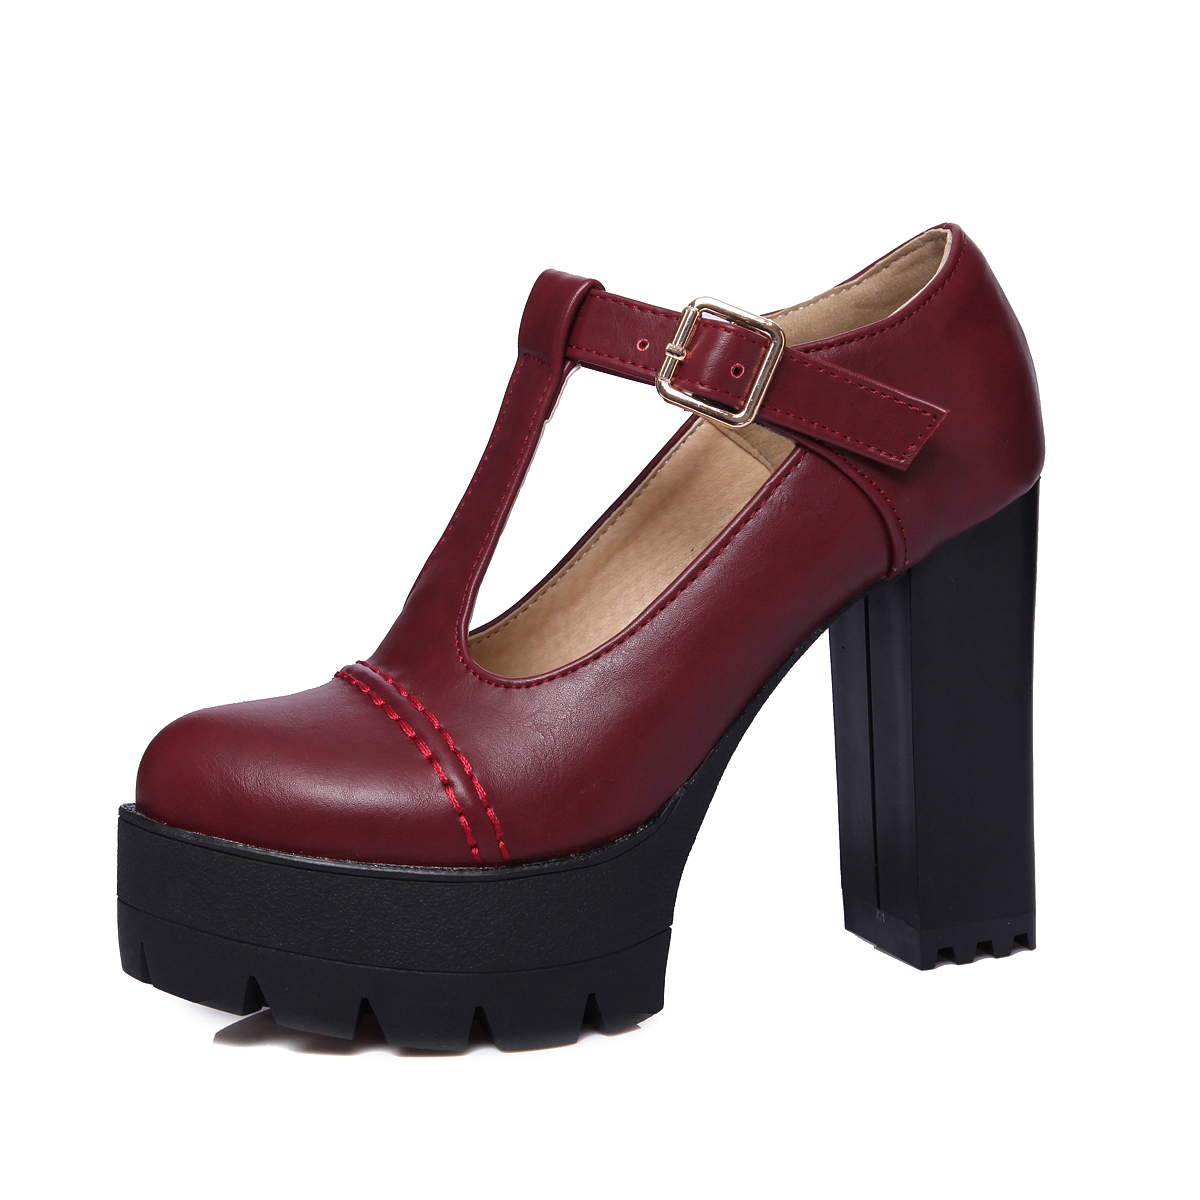 Moda De Primavera Para 43 Y Otoño 34 Correa Mujer En T Tallas Zapatos Con vino 2017 Grandes Alto Nuevos Tinto Mujer Negro Tacón qtwEI8I